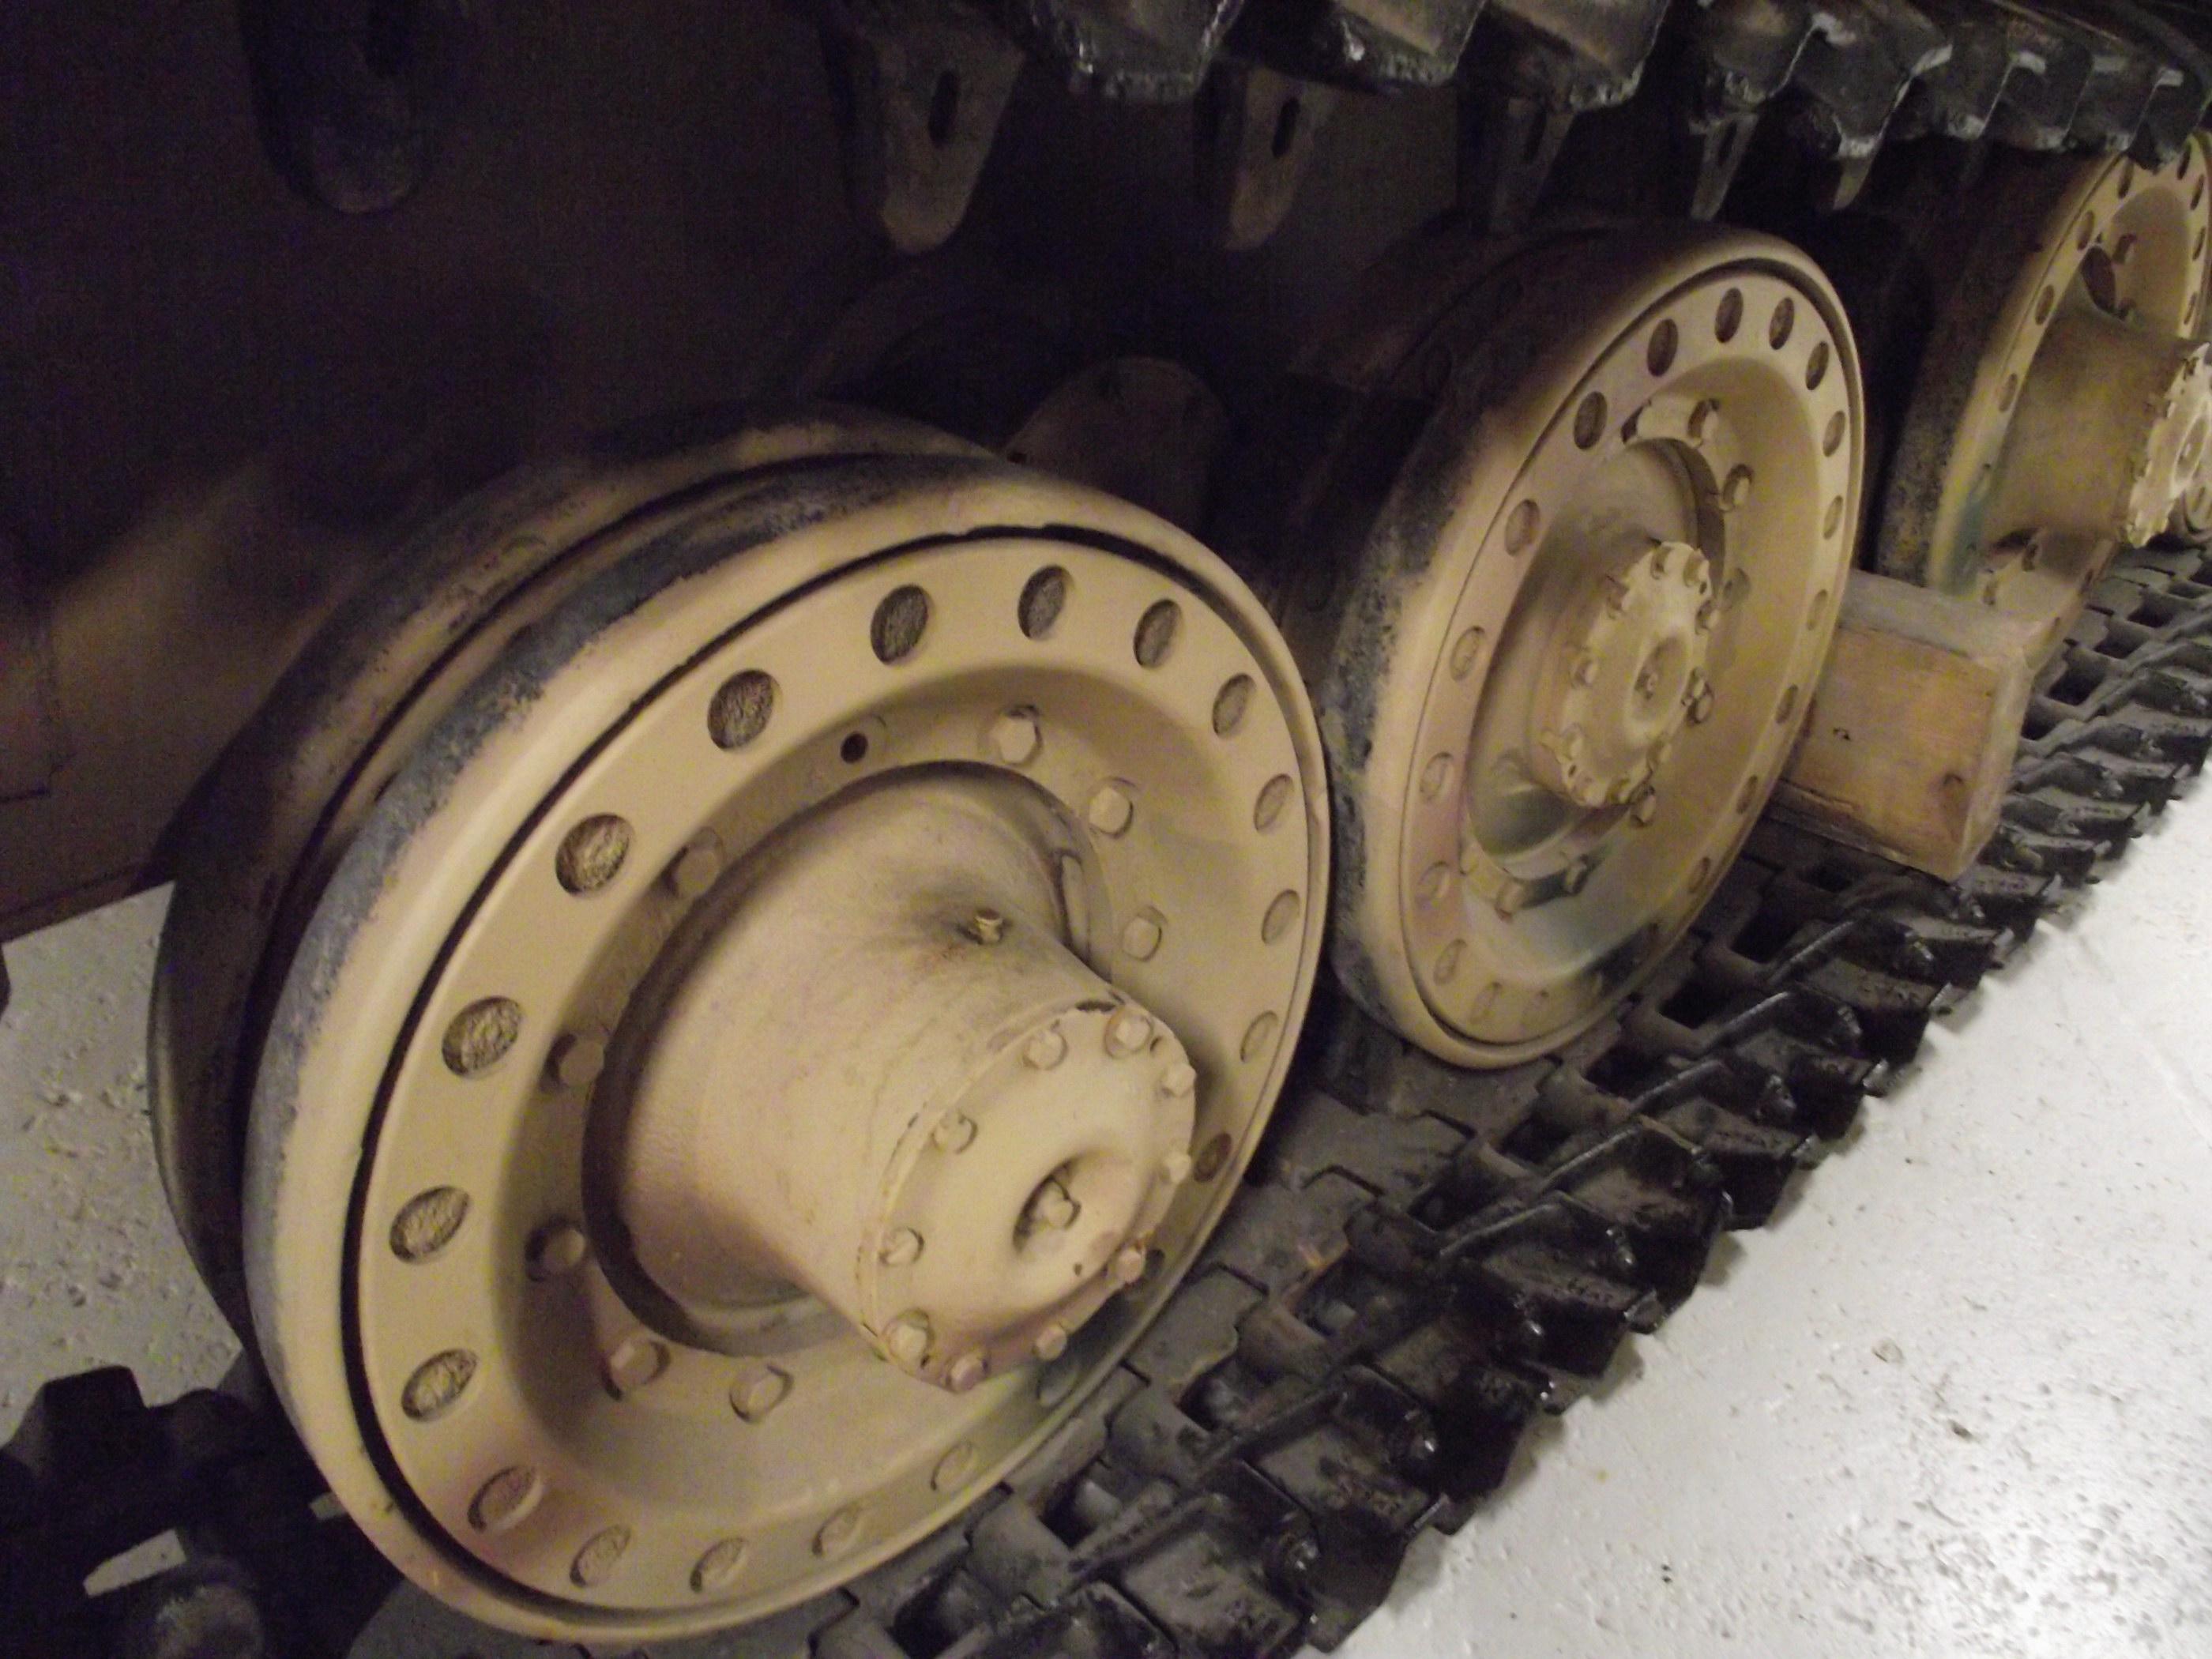 Tank_Museum_20180919_166.jpg